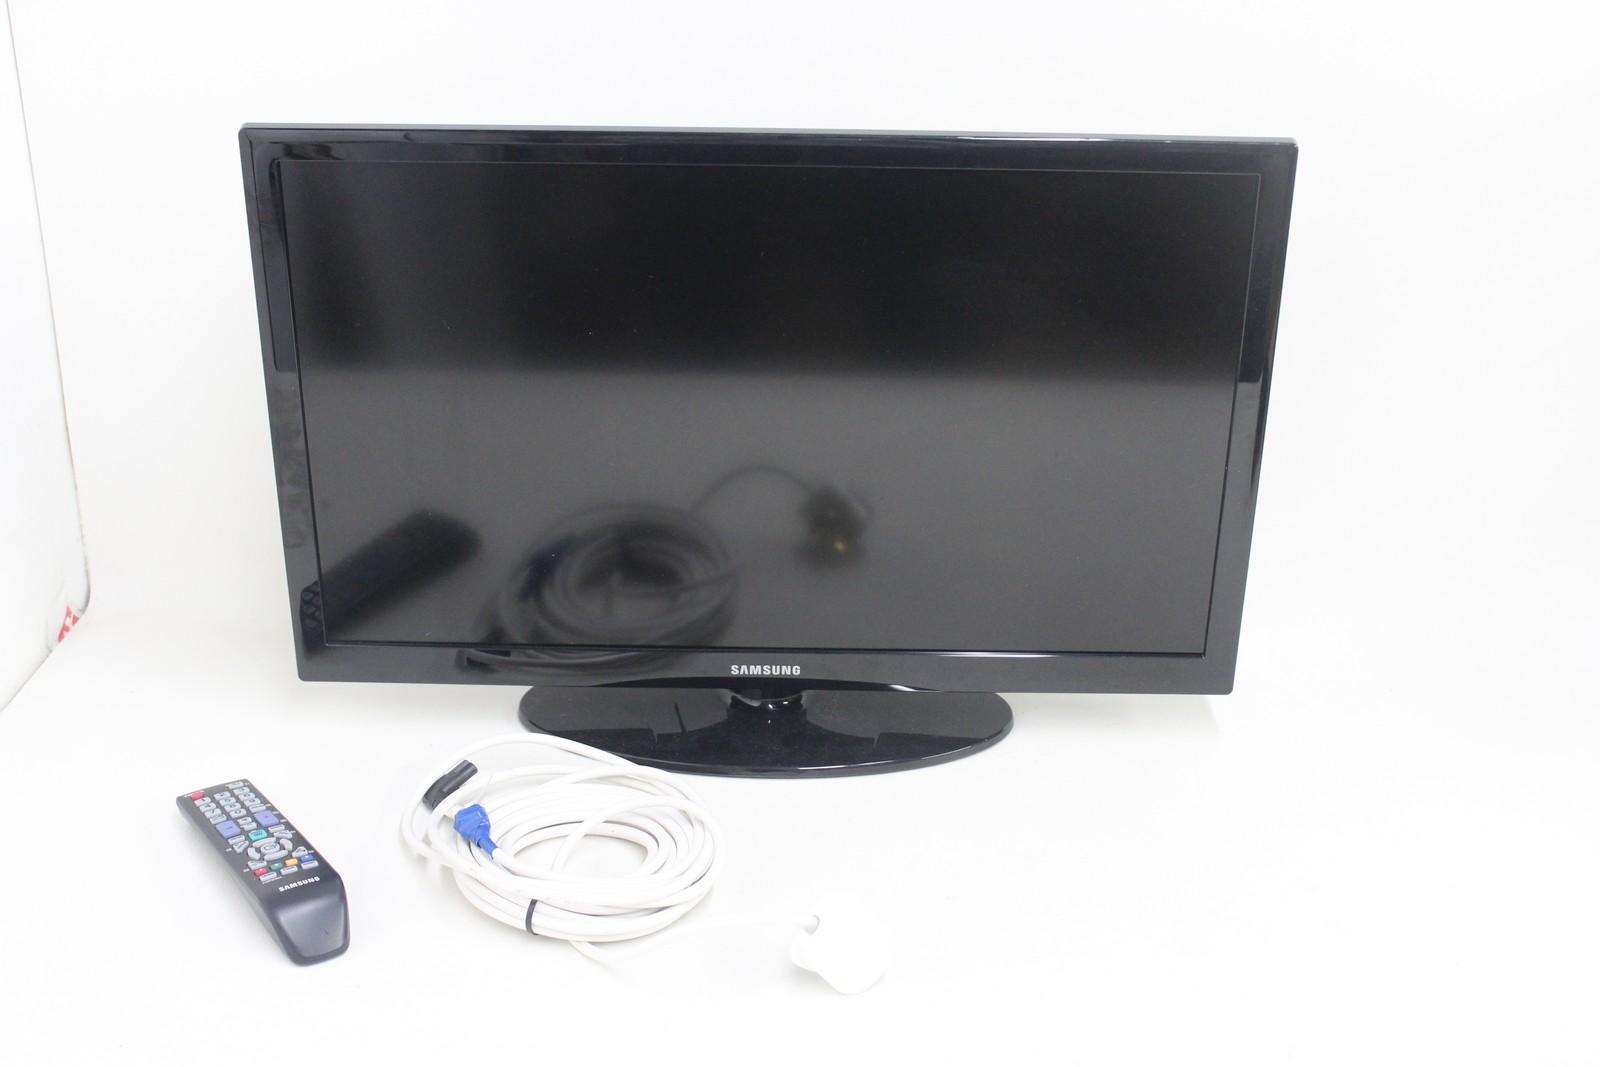 f7d6c1ef251d33 SAMSUNG UE26D4003BW D4003 SERIE 4 ULTRA SLIM USB HDMI 26